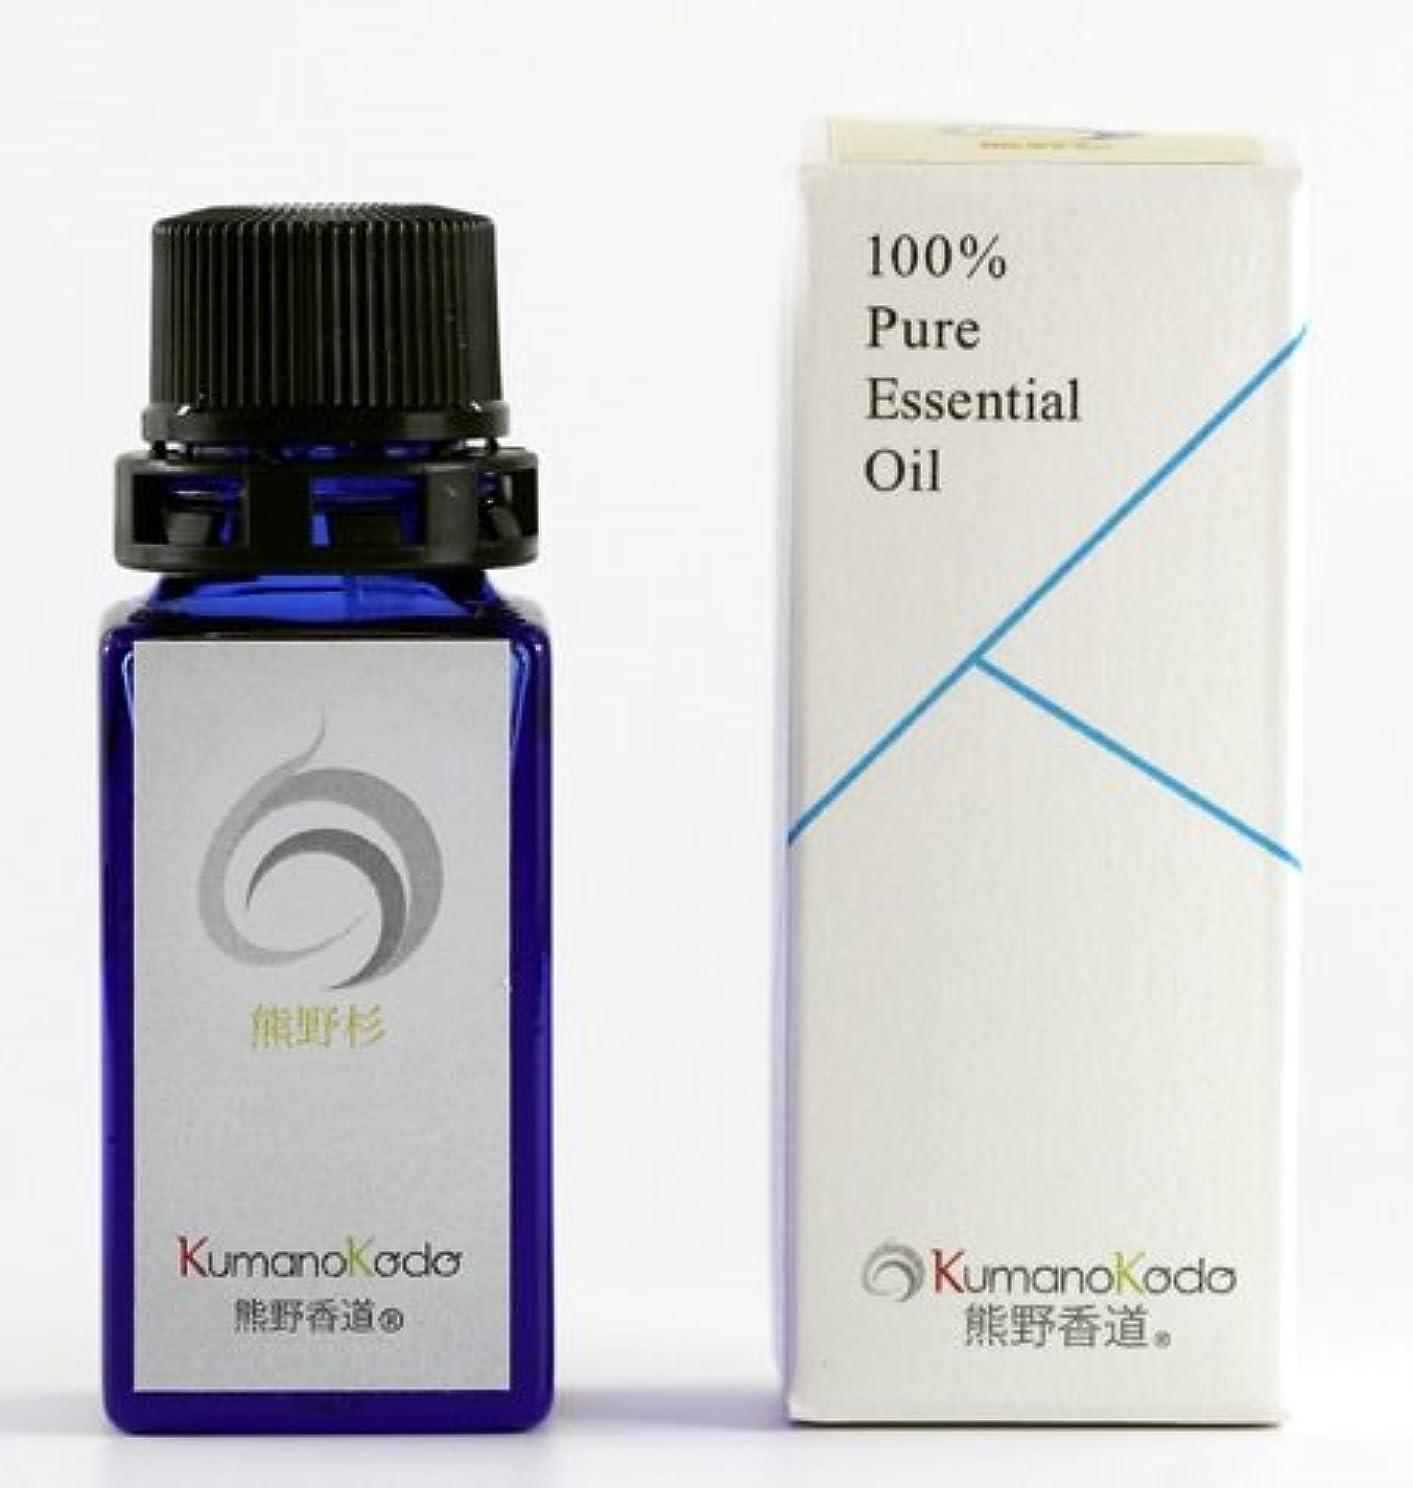 プラスチック後クリーク熊野香道 「熊野杉」 エッセンシャルオイル (精油?アロマオイル) 5ml